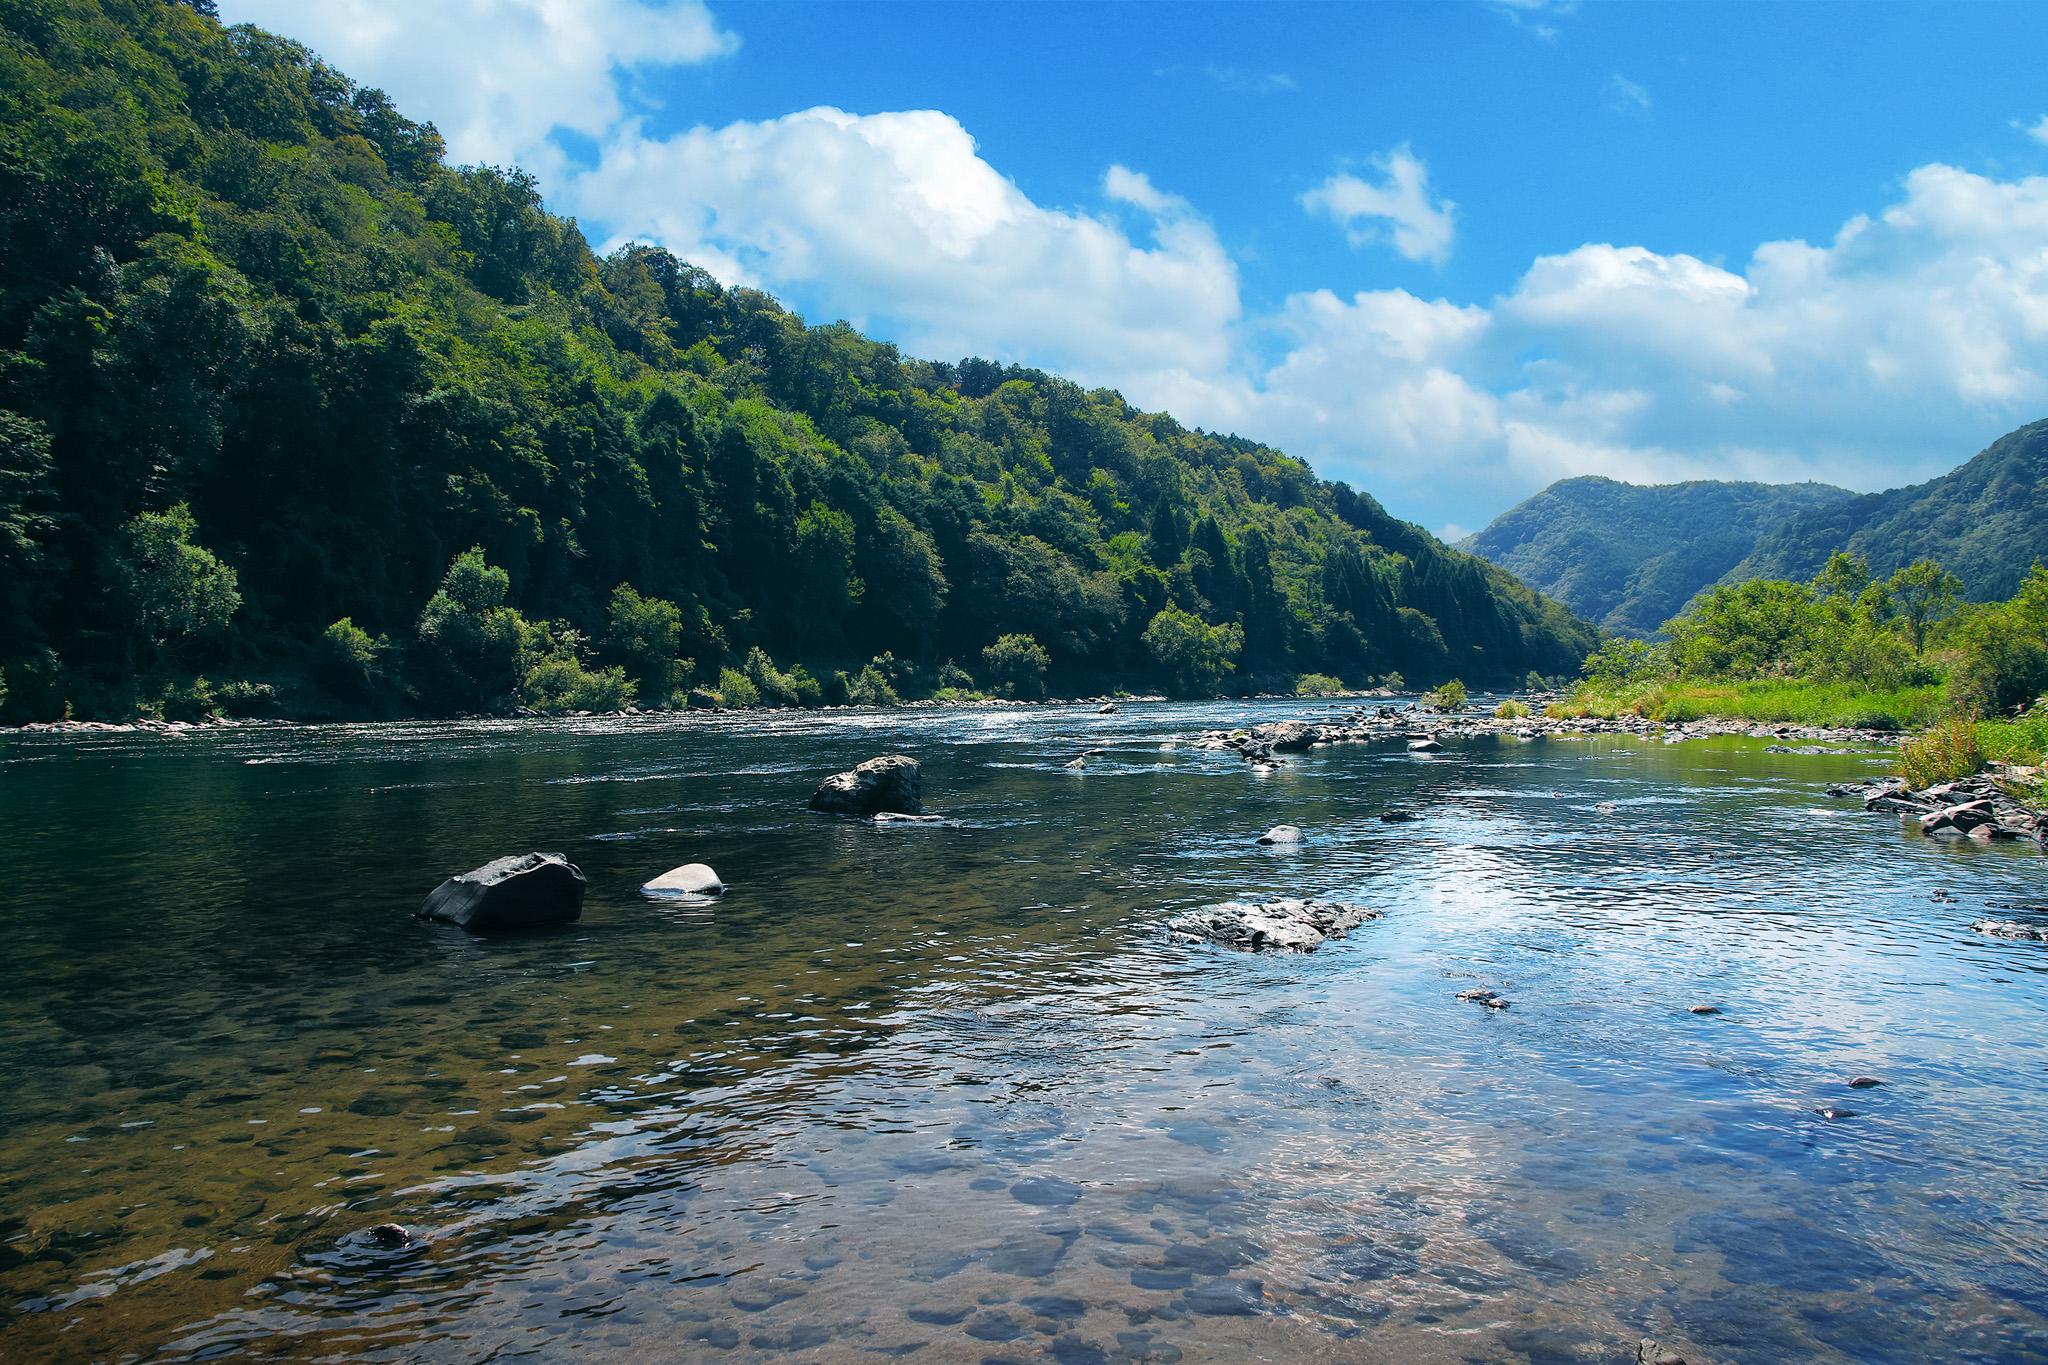 「夏の里山と流れる清流」の画像を無料ダウンロード